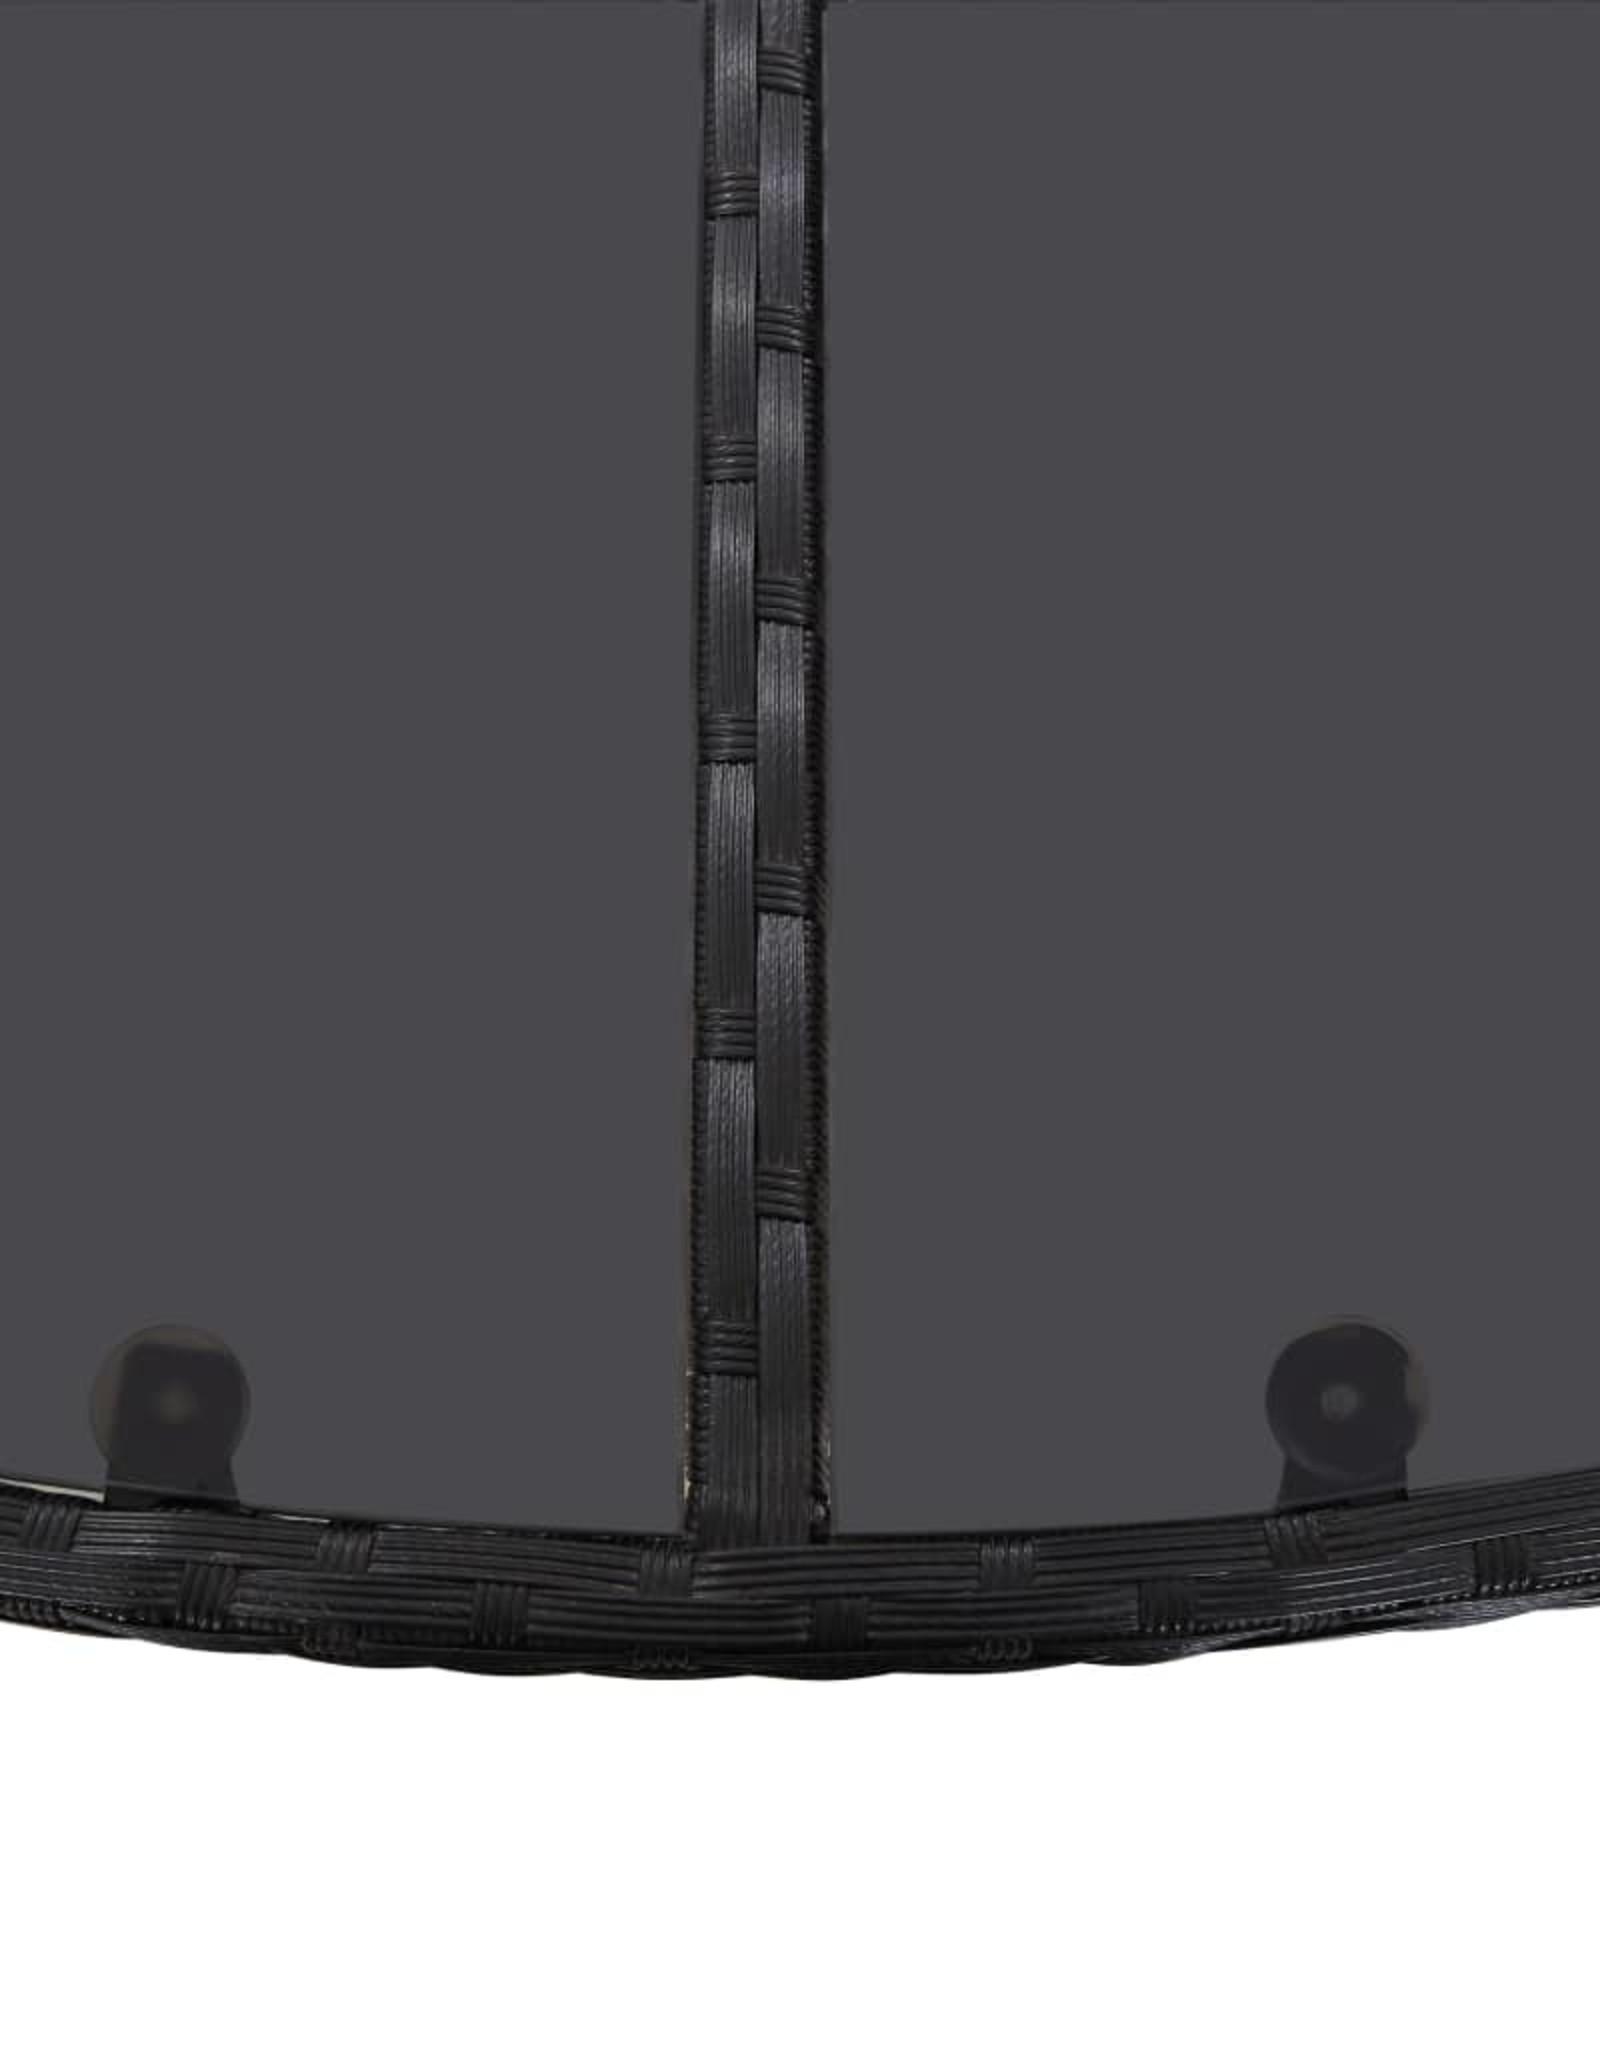 11-delige Tuinset met kussens poly rattan zwart